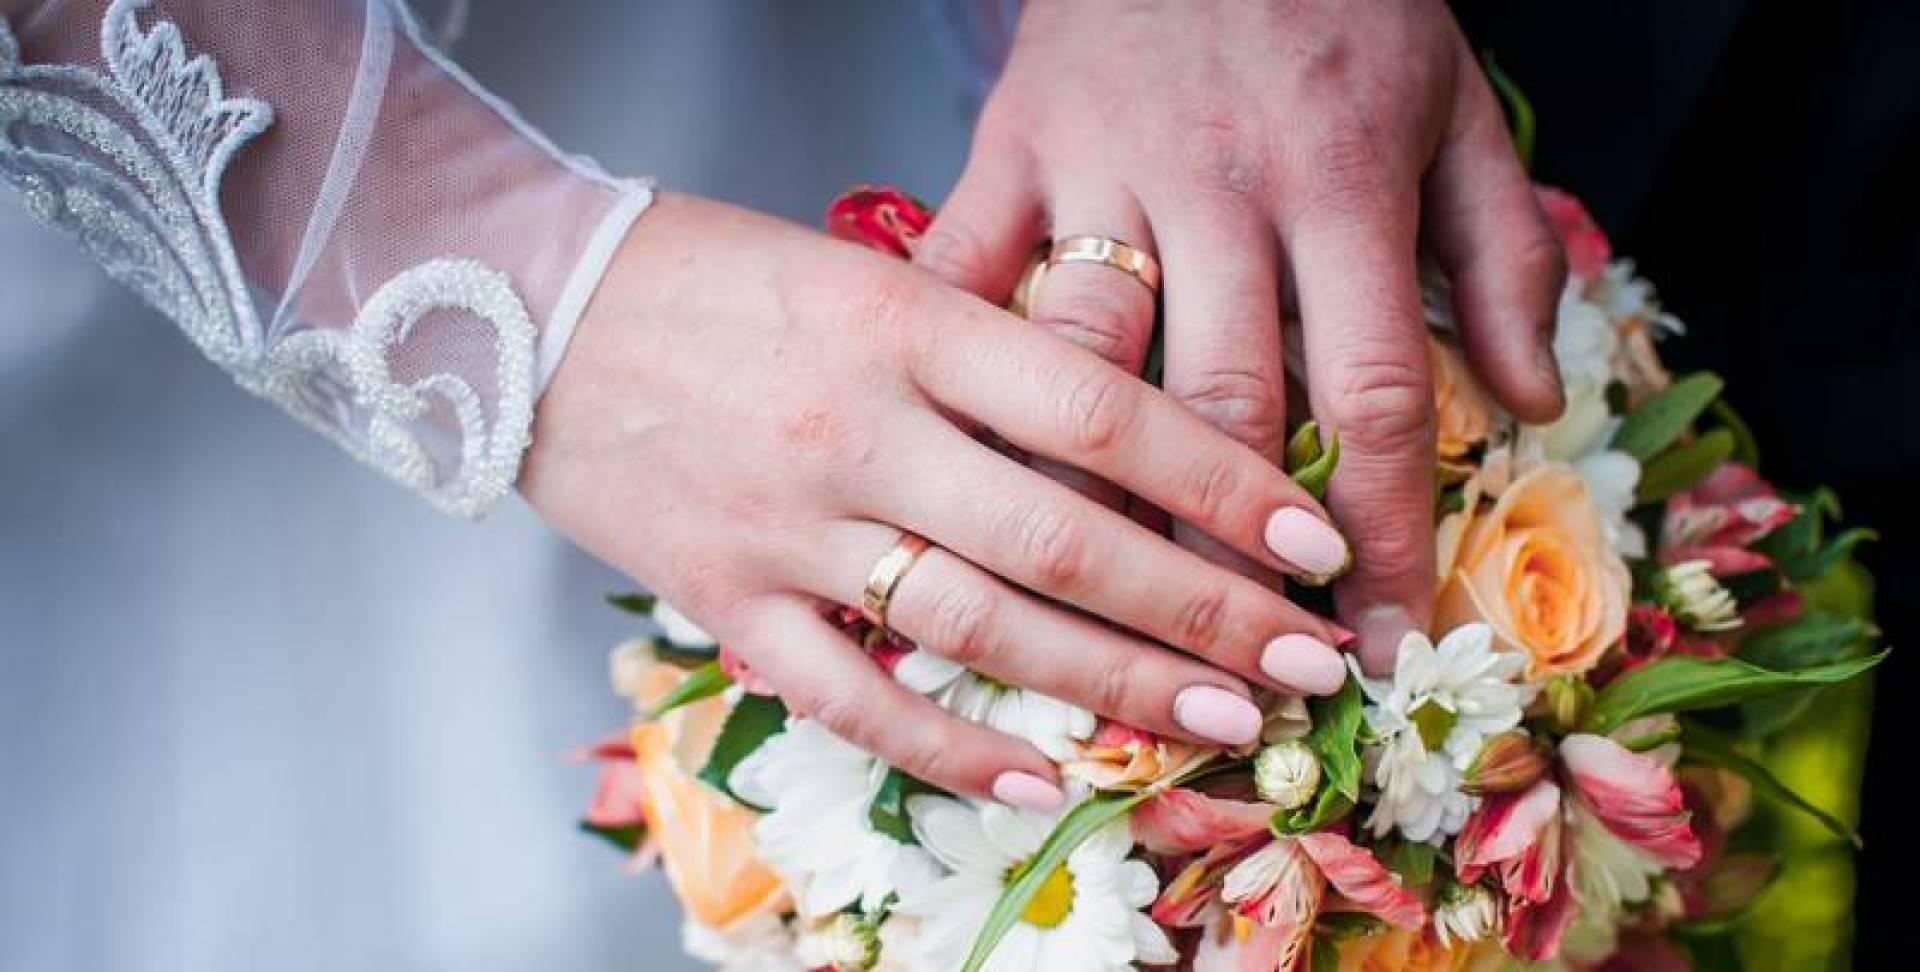 مشروع قانون الأحوال الشخصية.. 7 حالات تمنع صحة الزواج وتعتبره غير صحيح 4